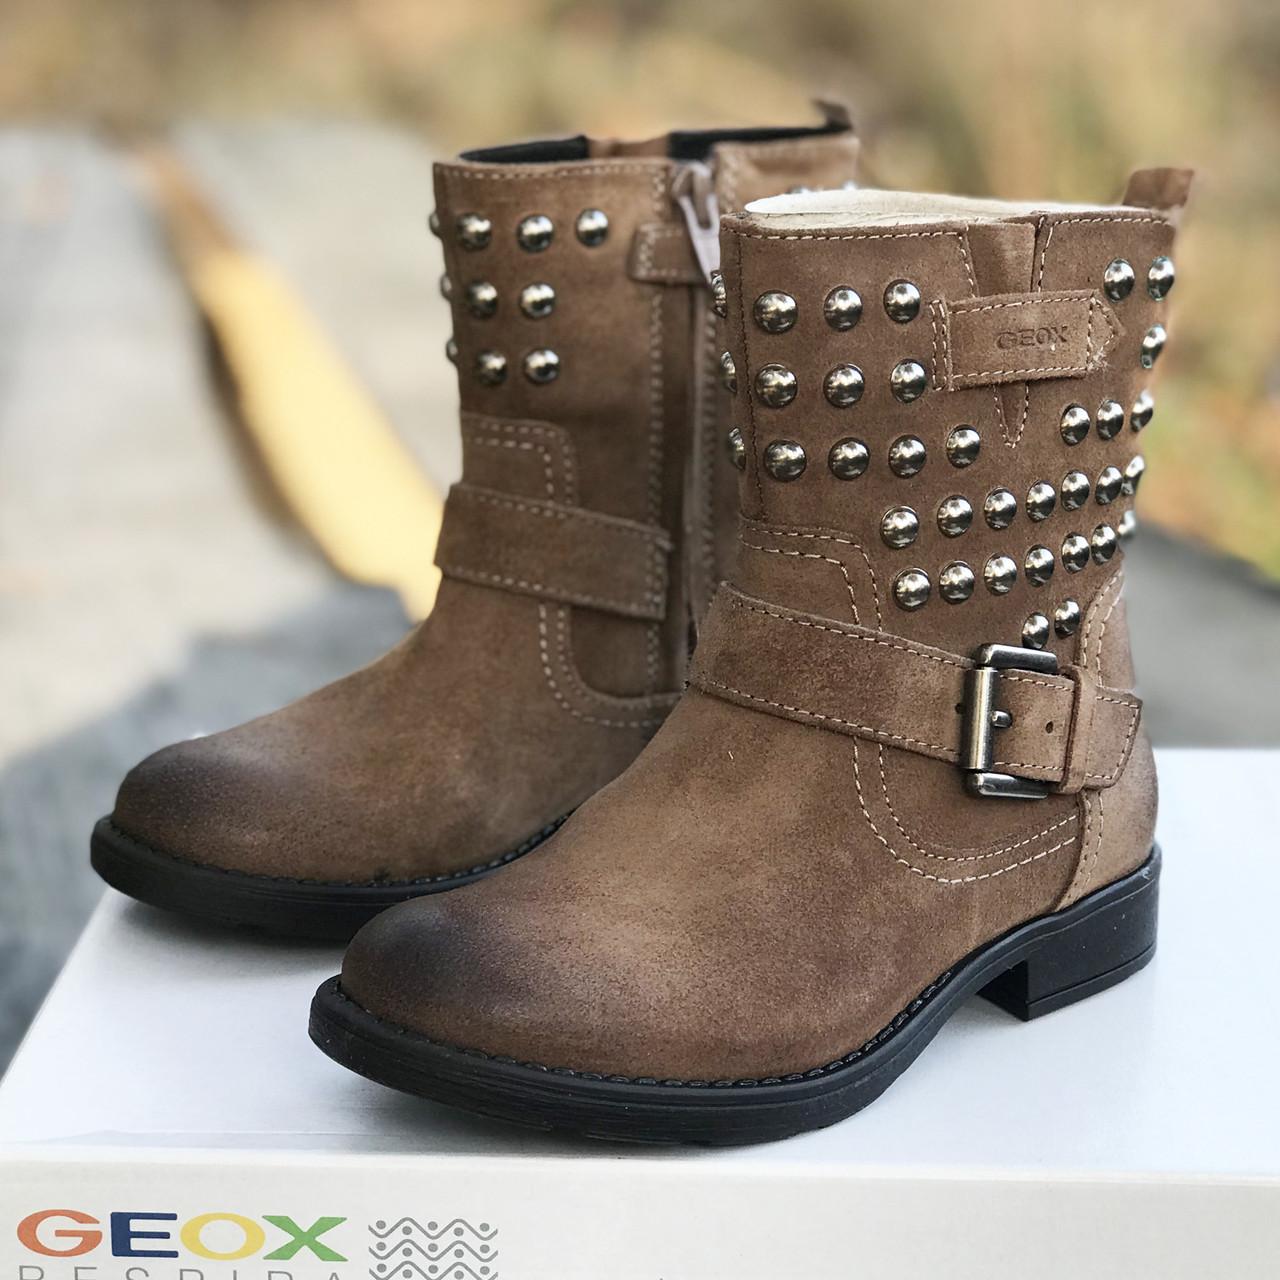 f53a42b45 Кожаные демисезонные ботинки Geox (Италия) J Sofia C р 28. джеокс на девочку